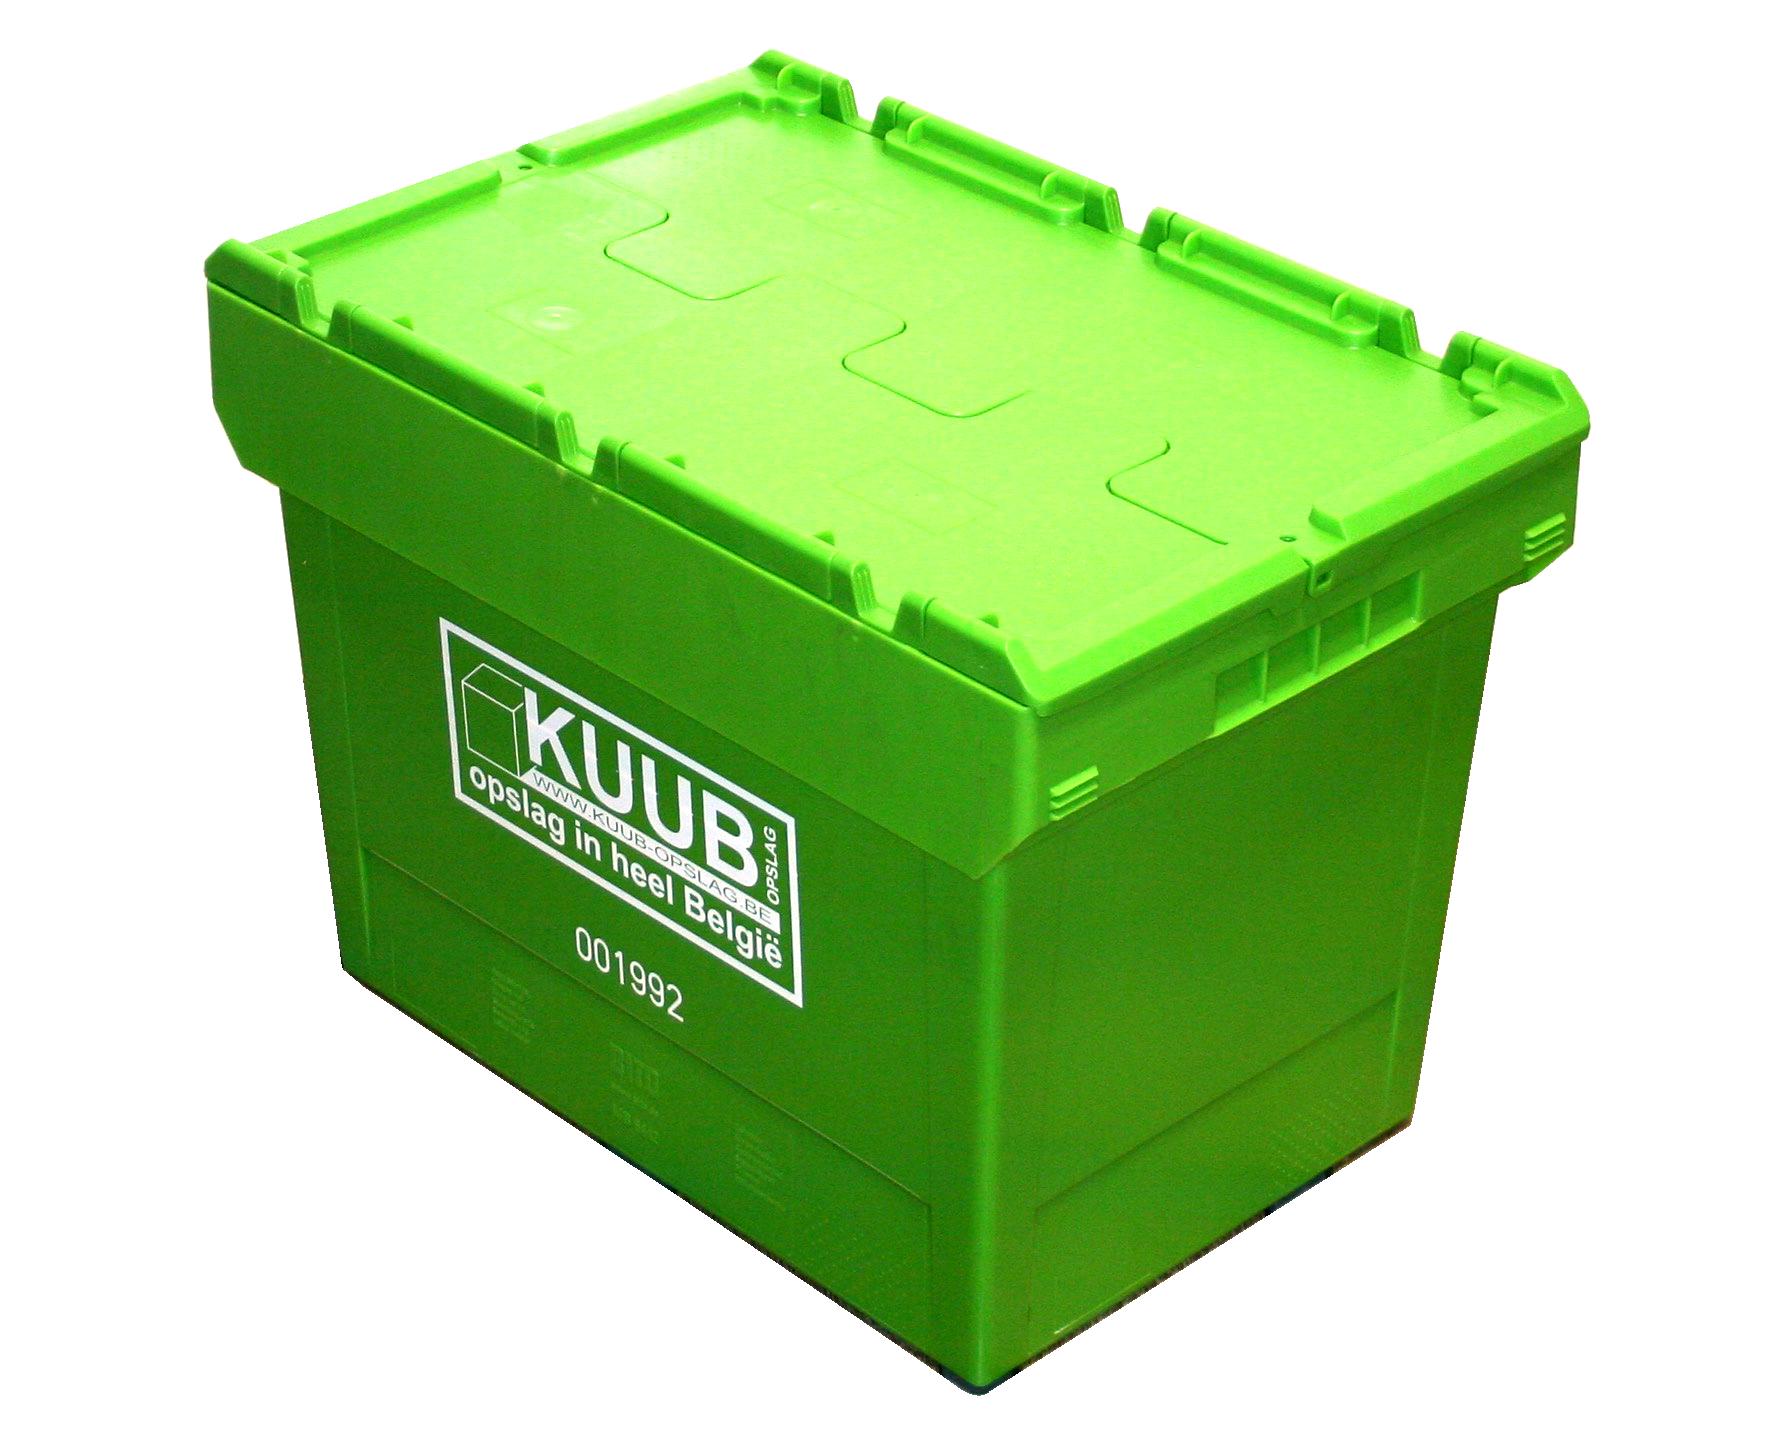 Niet alleen huurt u voordelig onze geweldige GreenBox verhuisdozen, u kunt ze ook laten opslaan in het GreenBox hotel.